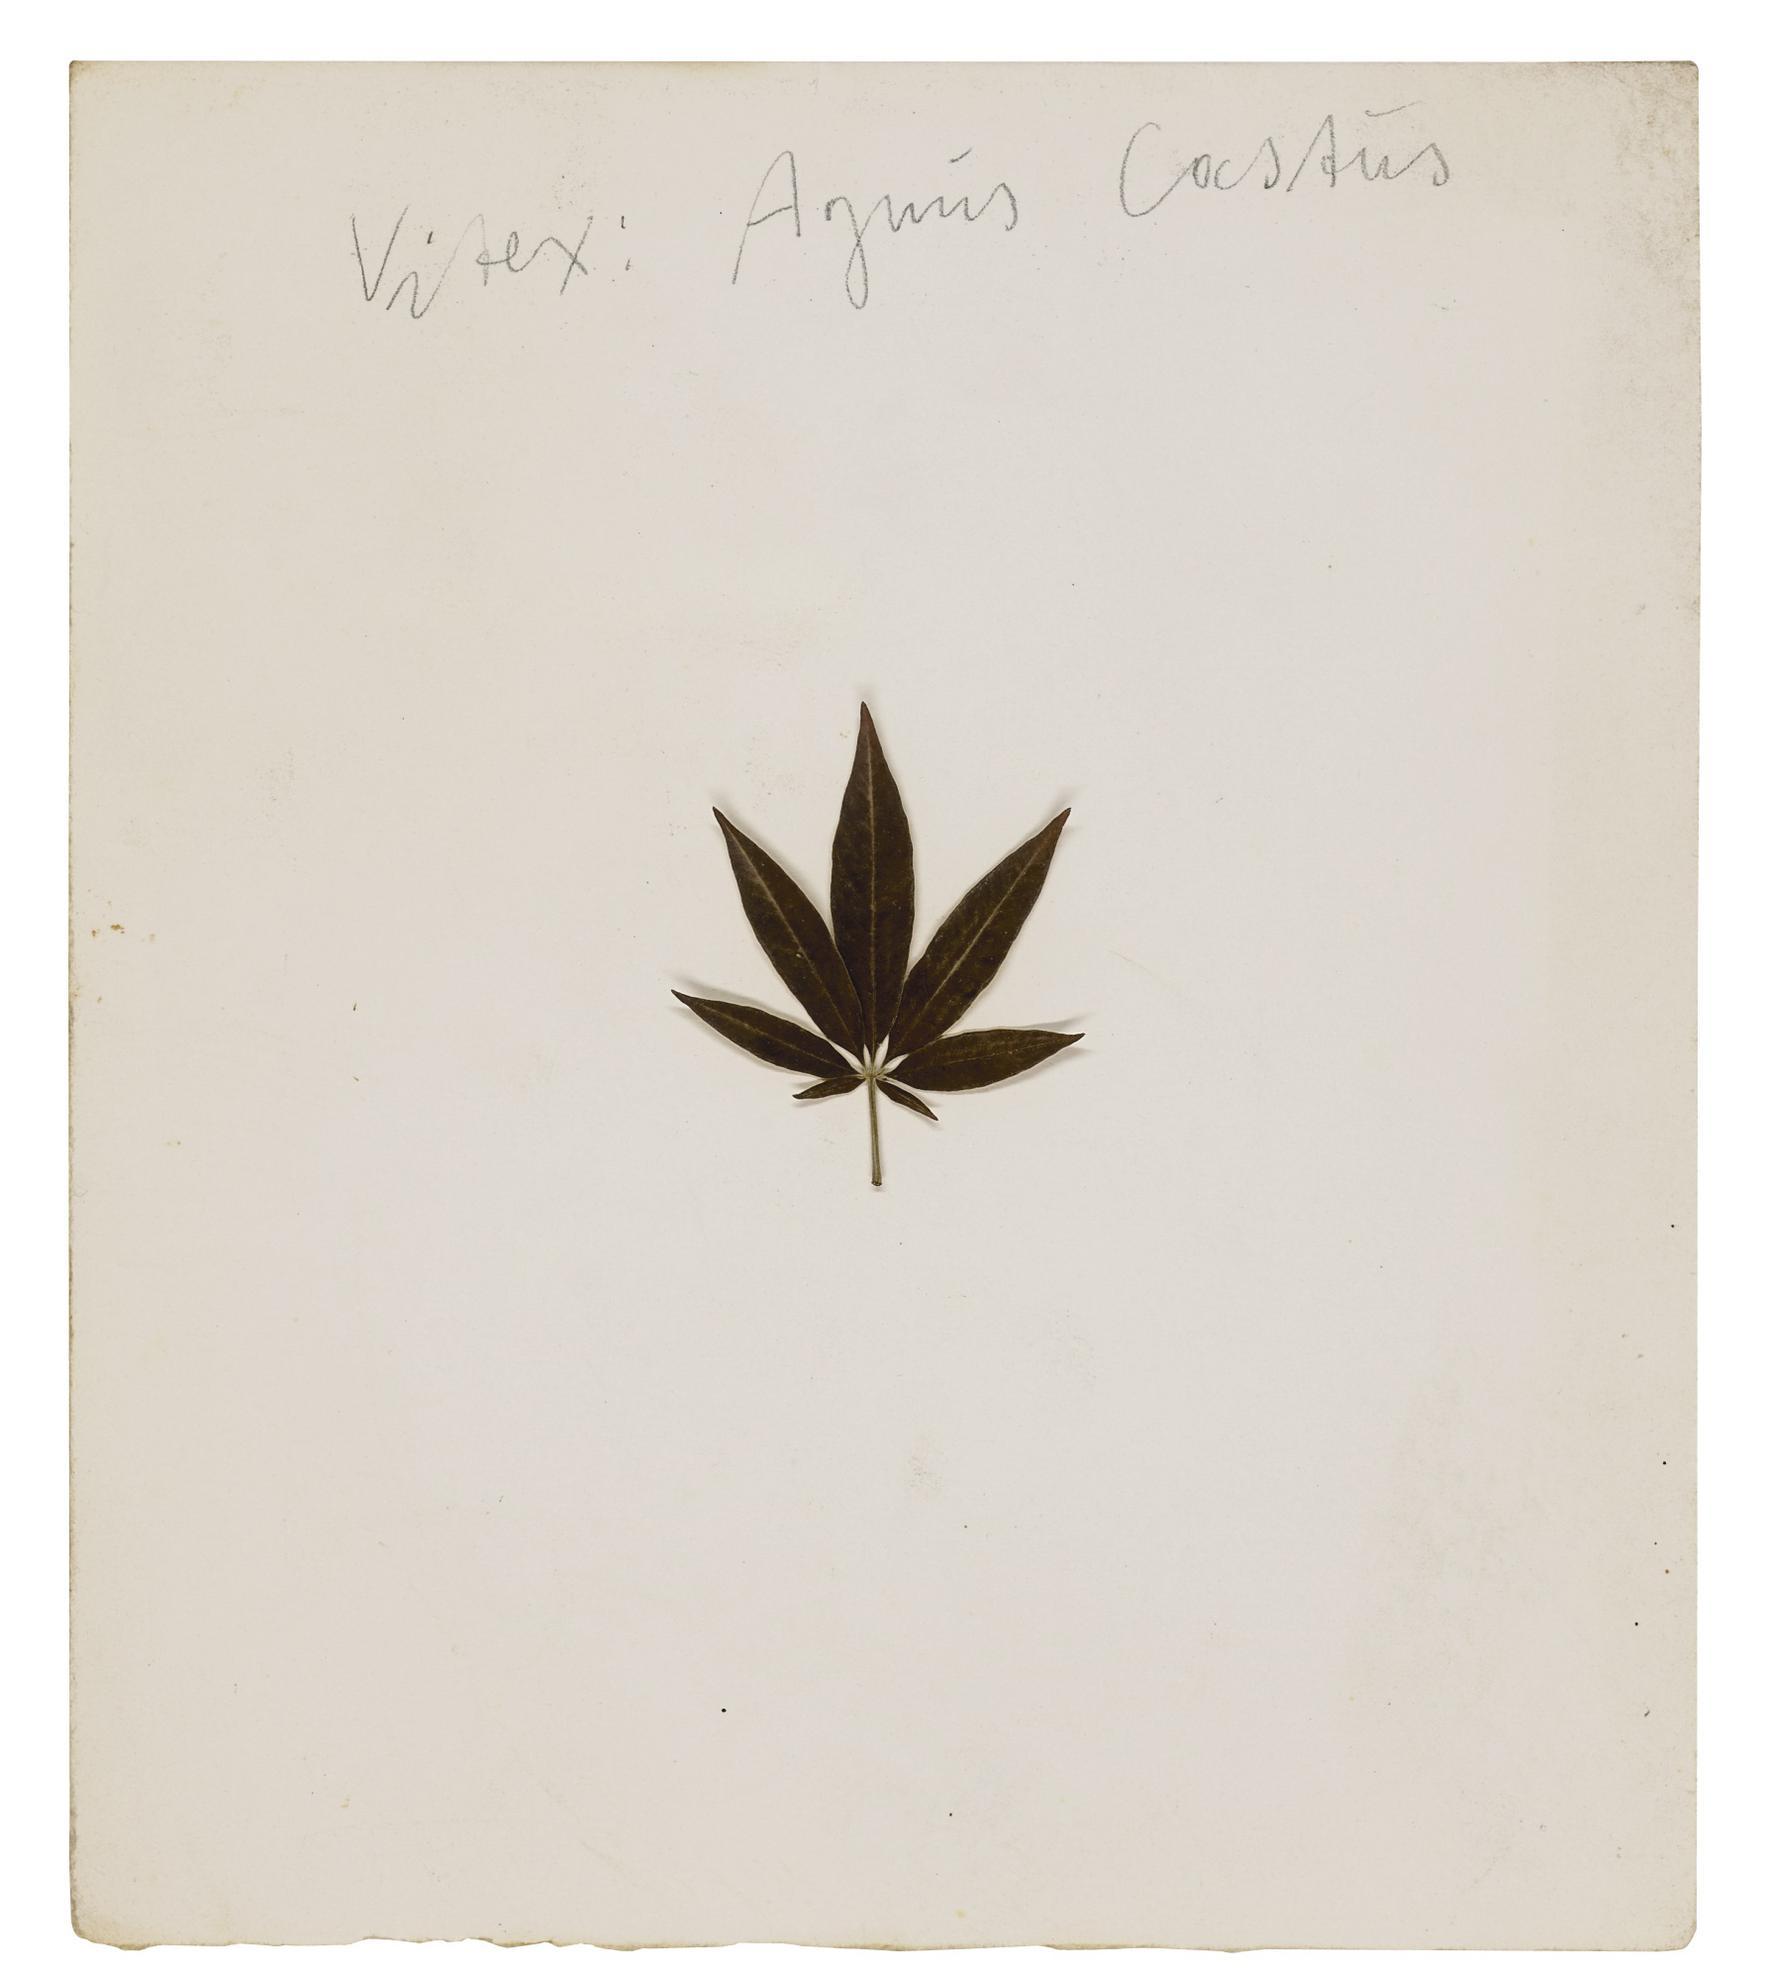 Joseph Beuys-Vitex: Agnus Castus-1972